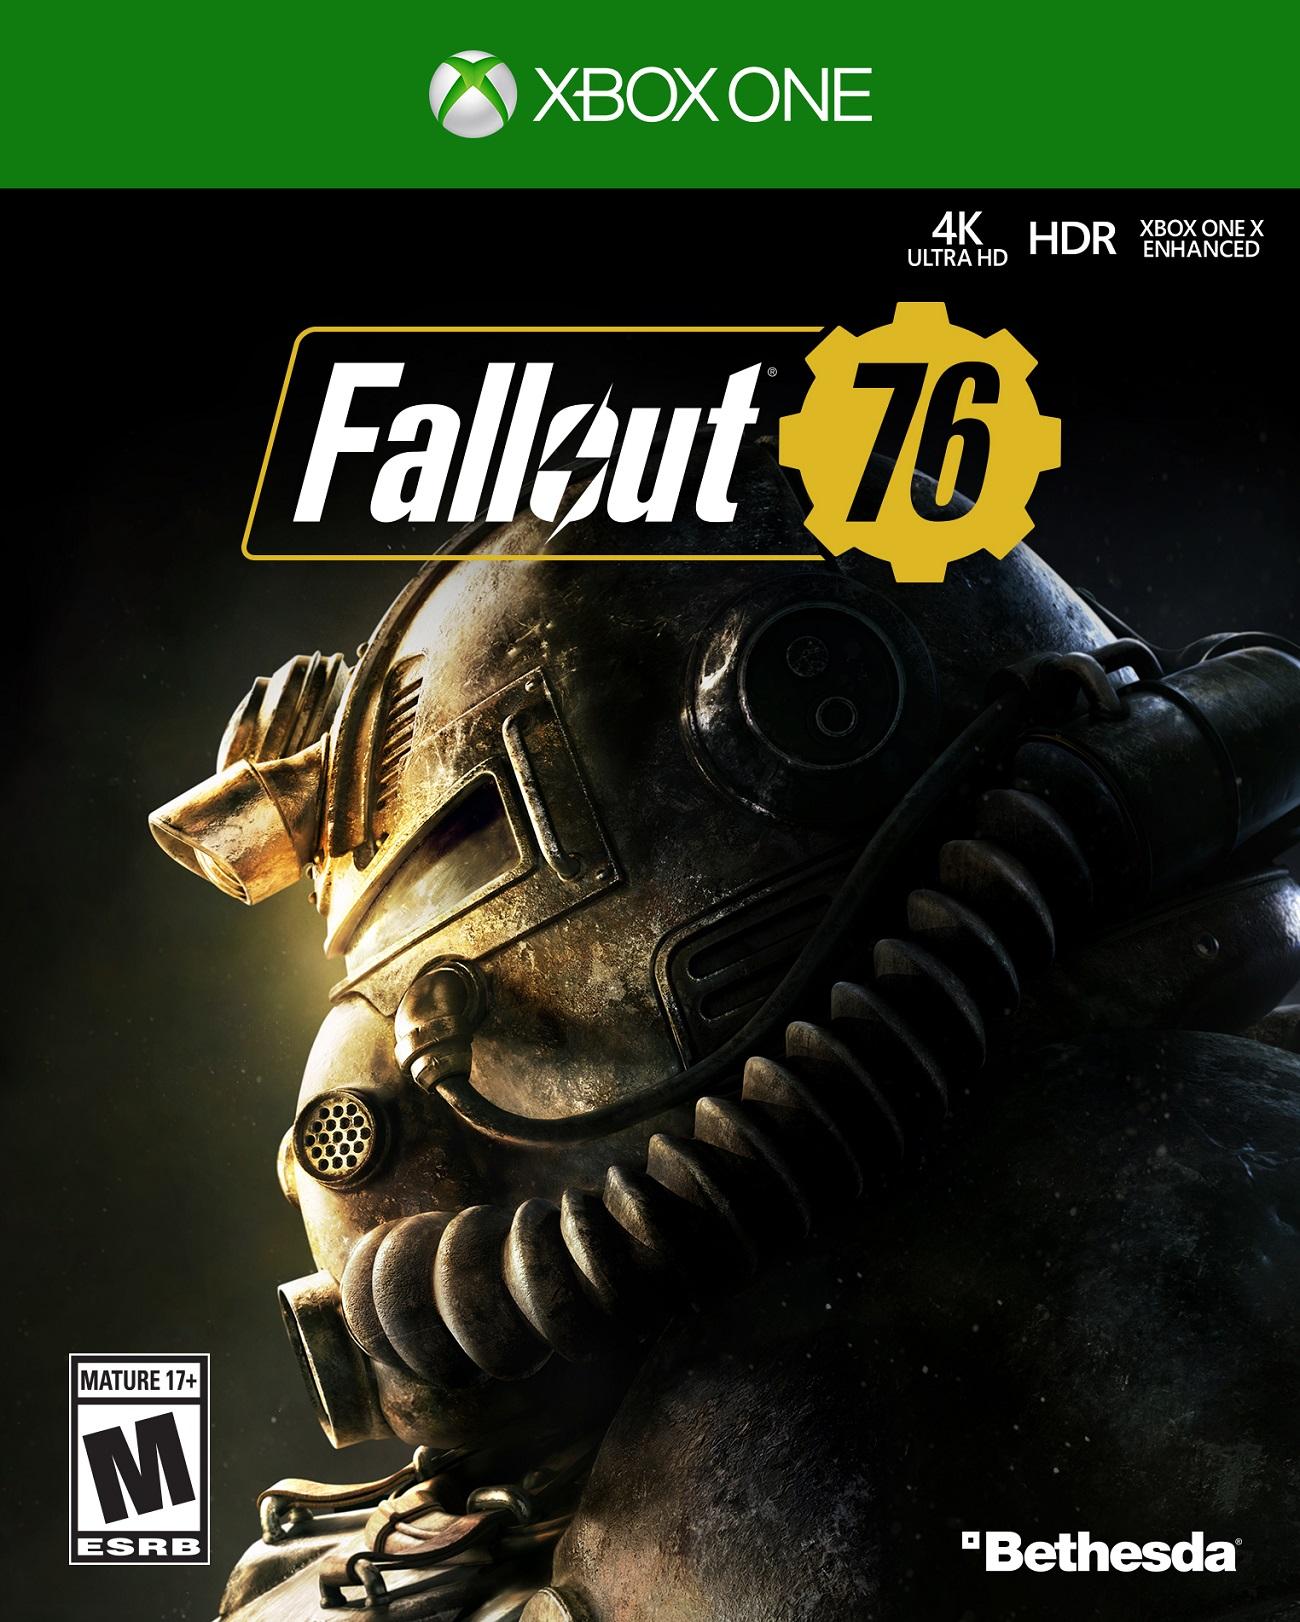 Game des Monats Januar: Fallout 76 – absolute Enttäuschung?